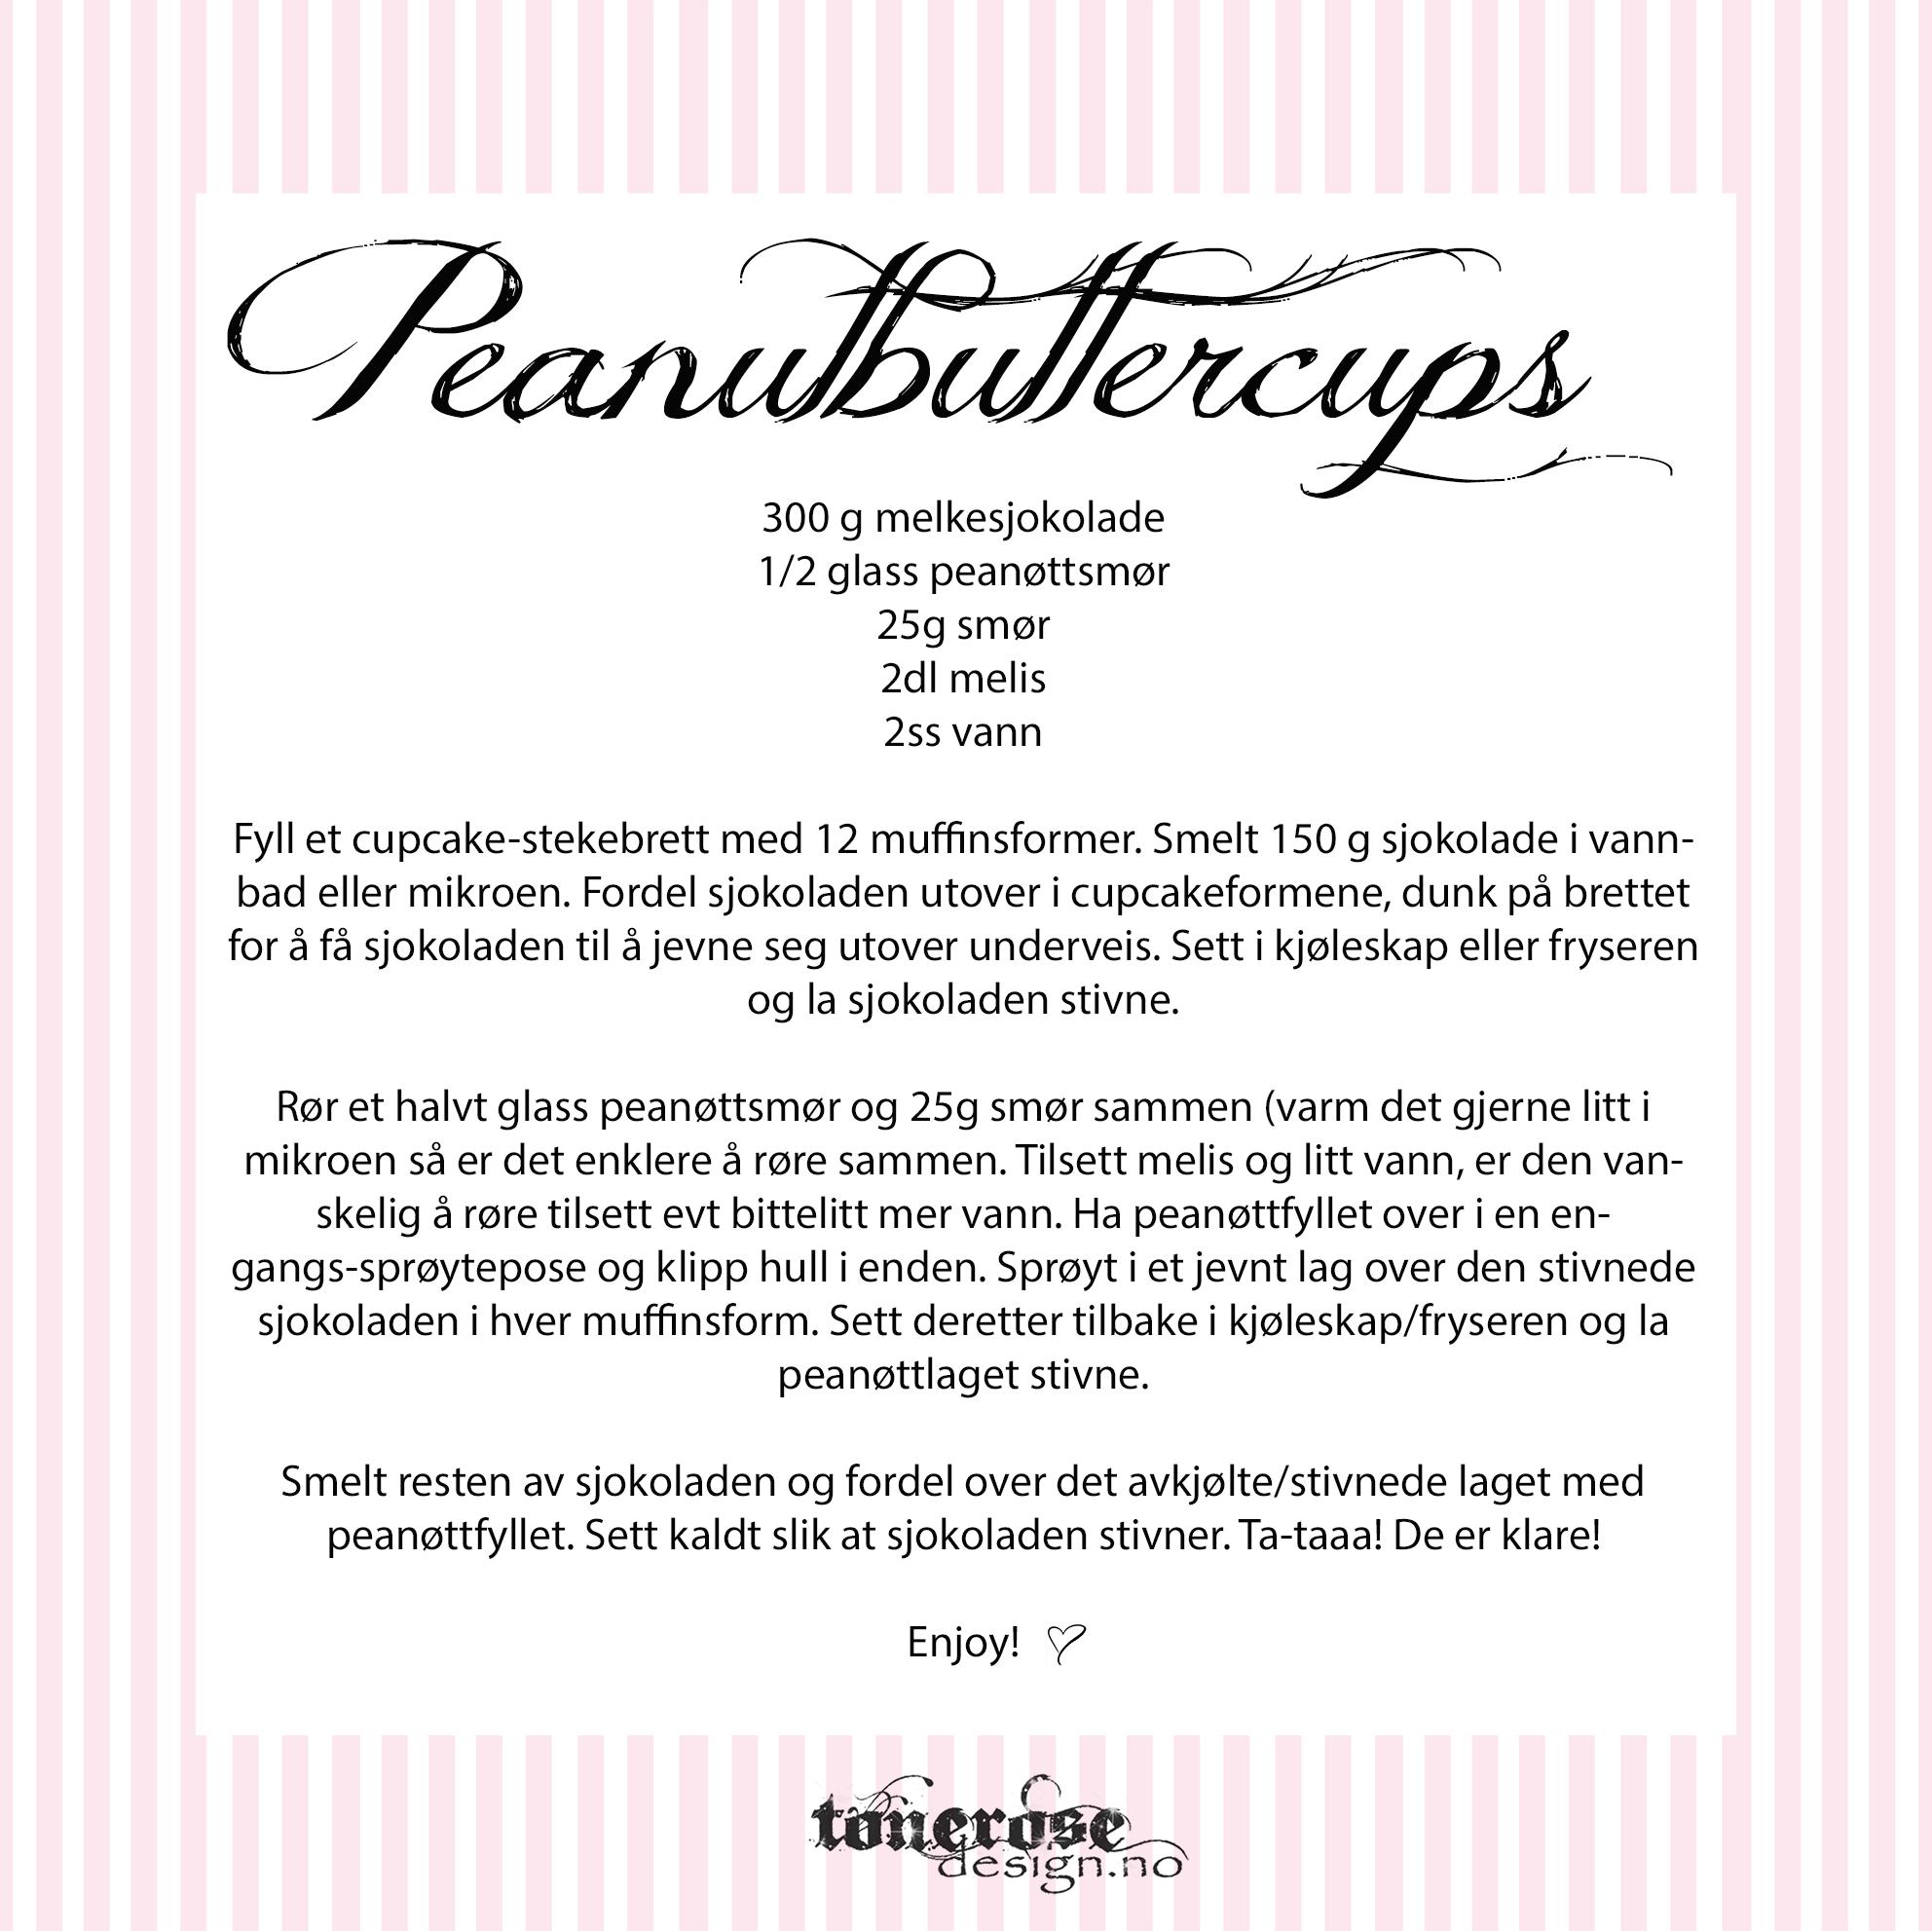 Peanutbuttercups hjemmelagede oppskrift